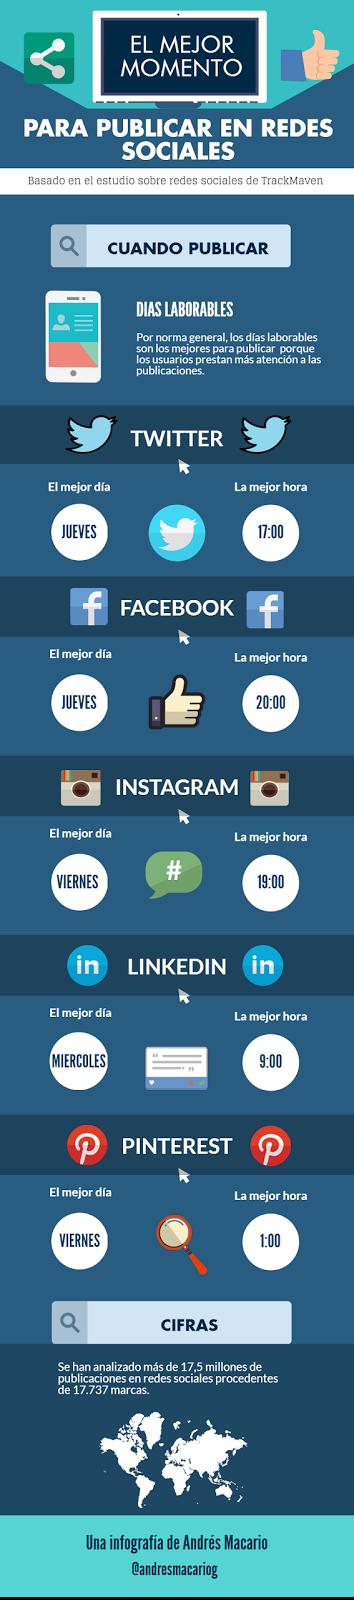 El mejor momento para publicar en Redes Sociales [Infografía]